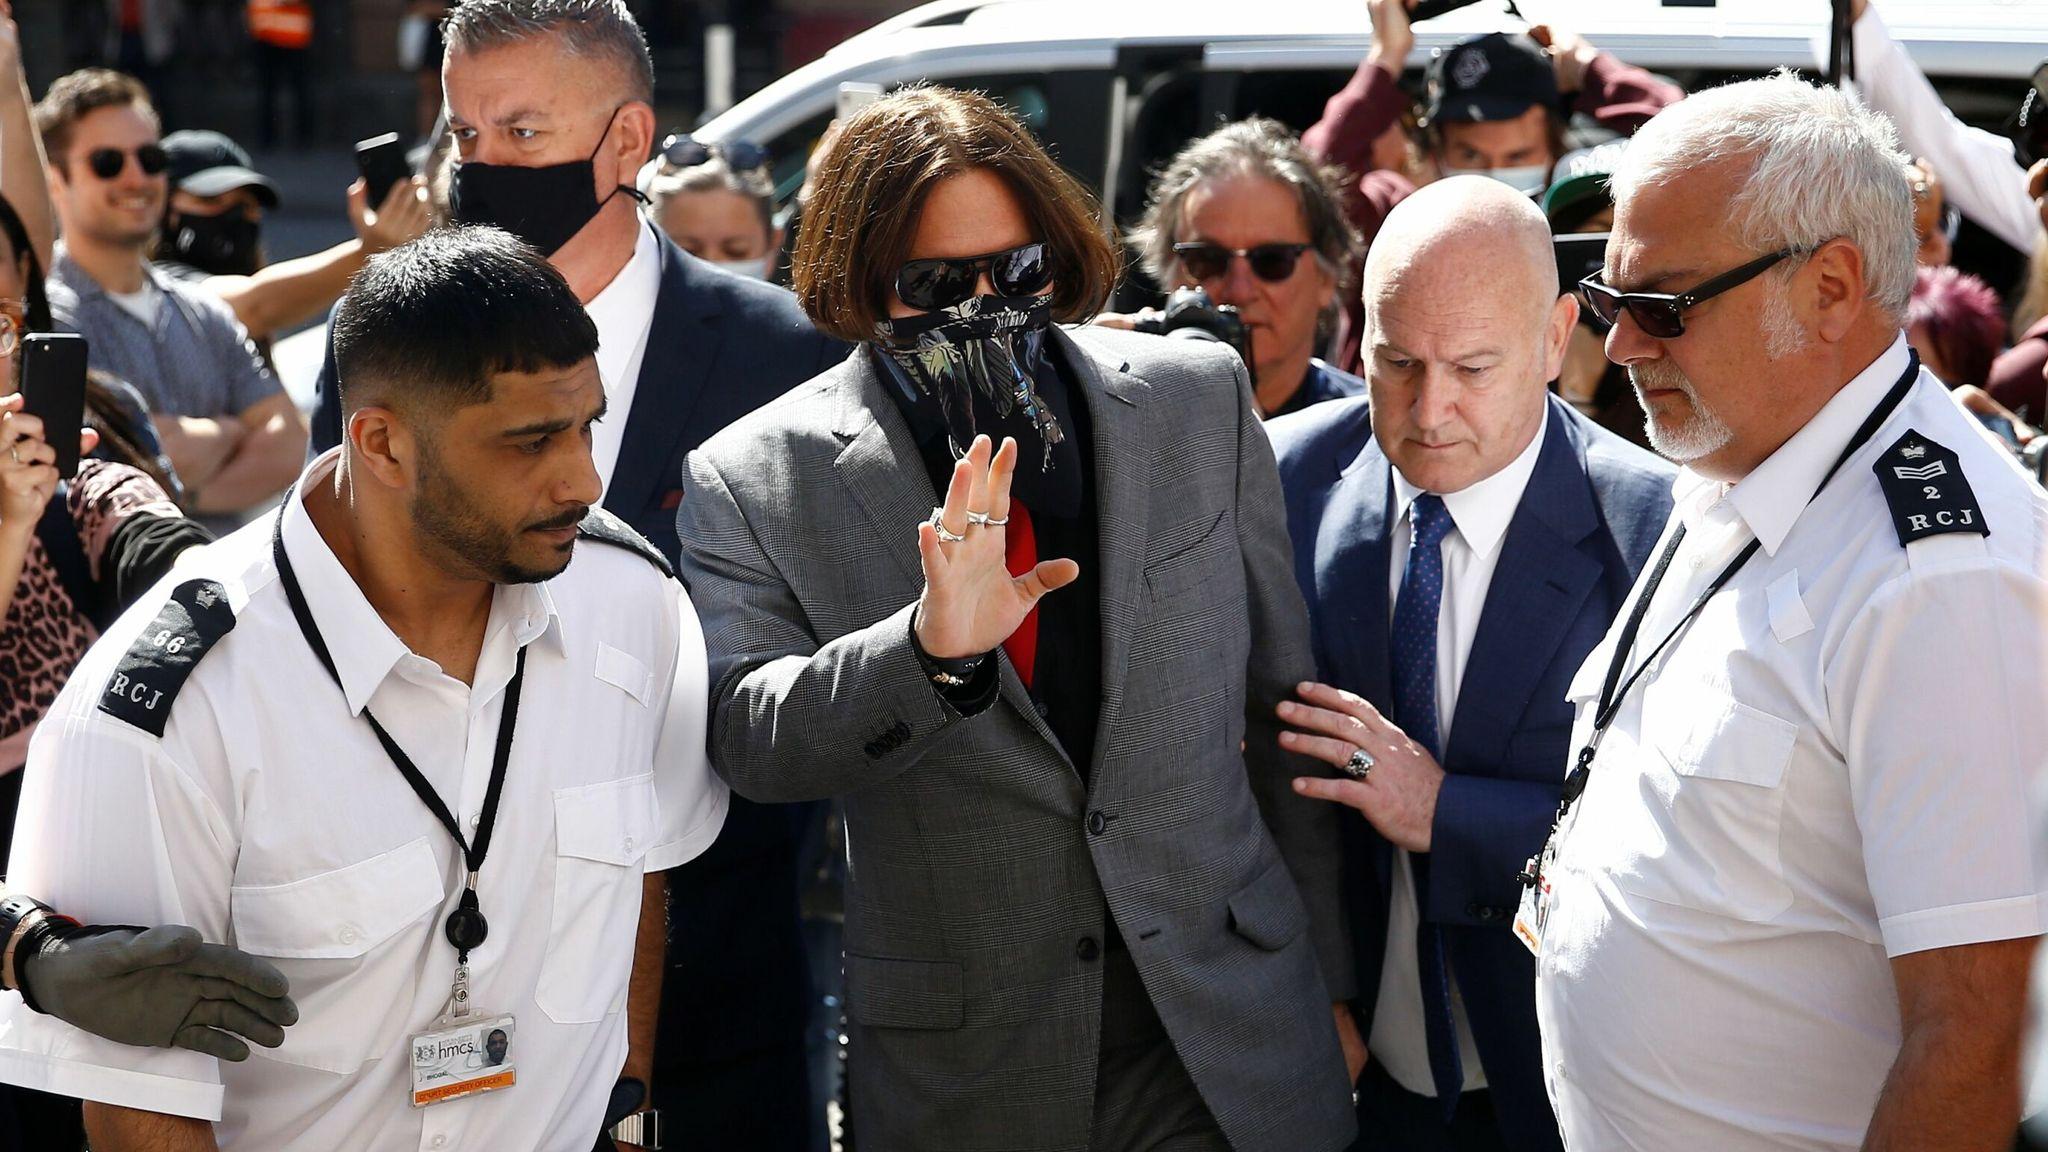 Johnny Depp arrives on 21 July